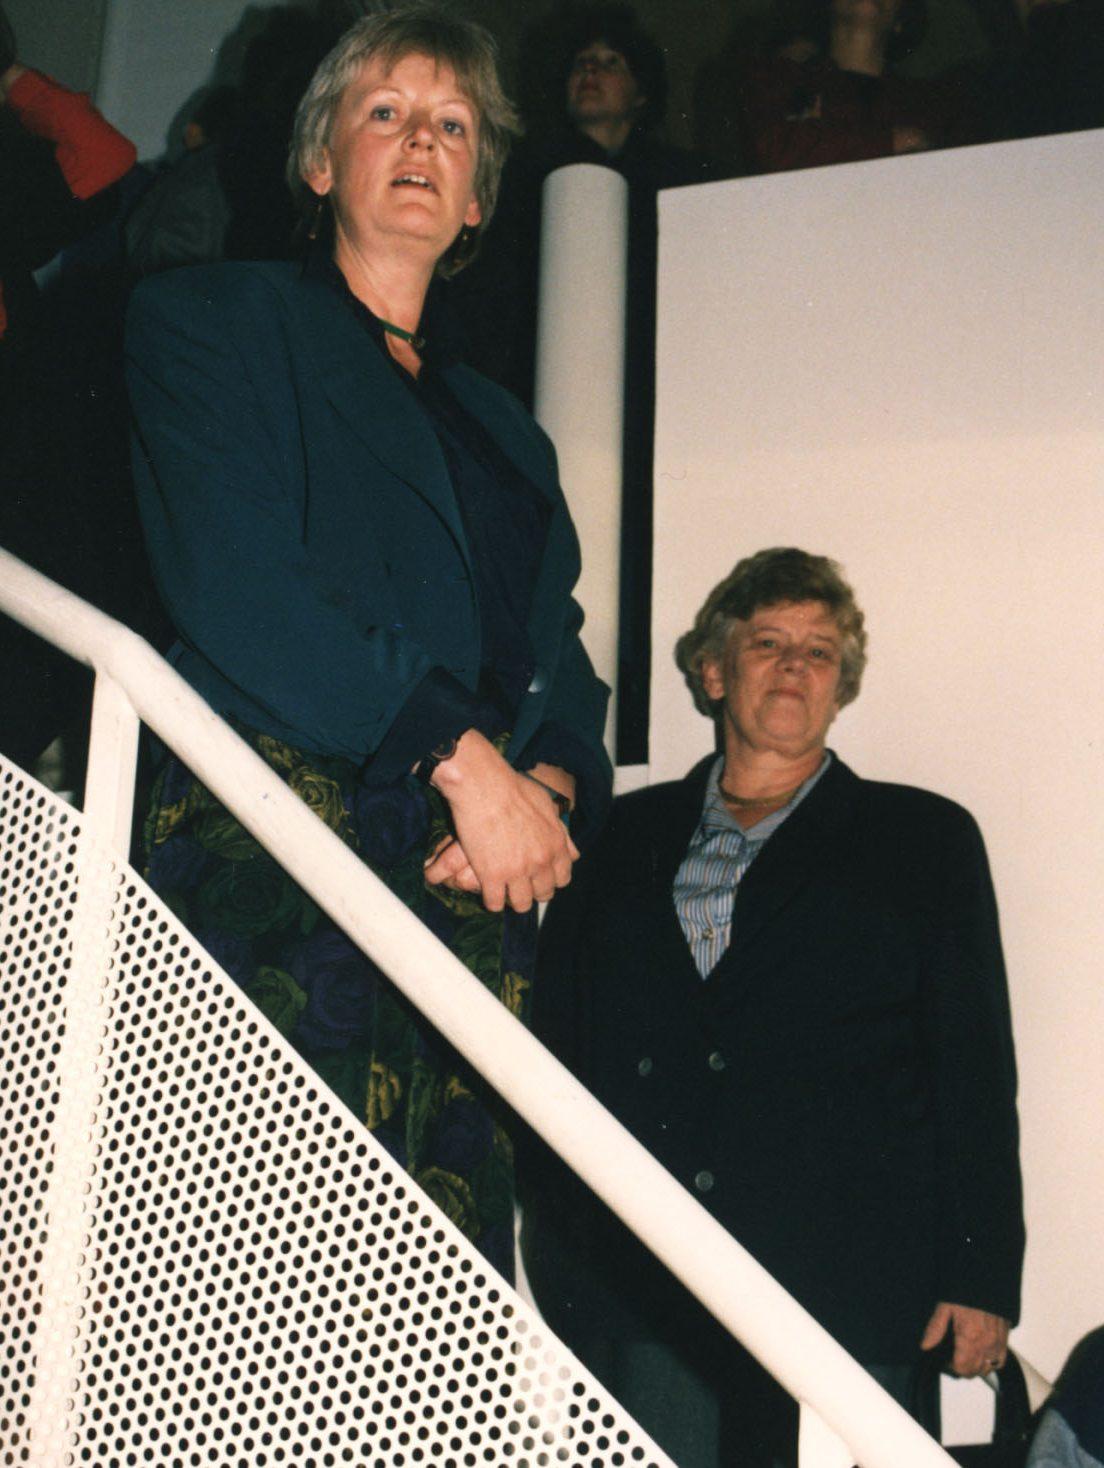 Annie Brouwer-Korf Ien Ien Dales op de opening van Kammen in Galerie Marzee, 1989. Foto met dank aan Galerie Marzee©